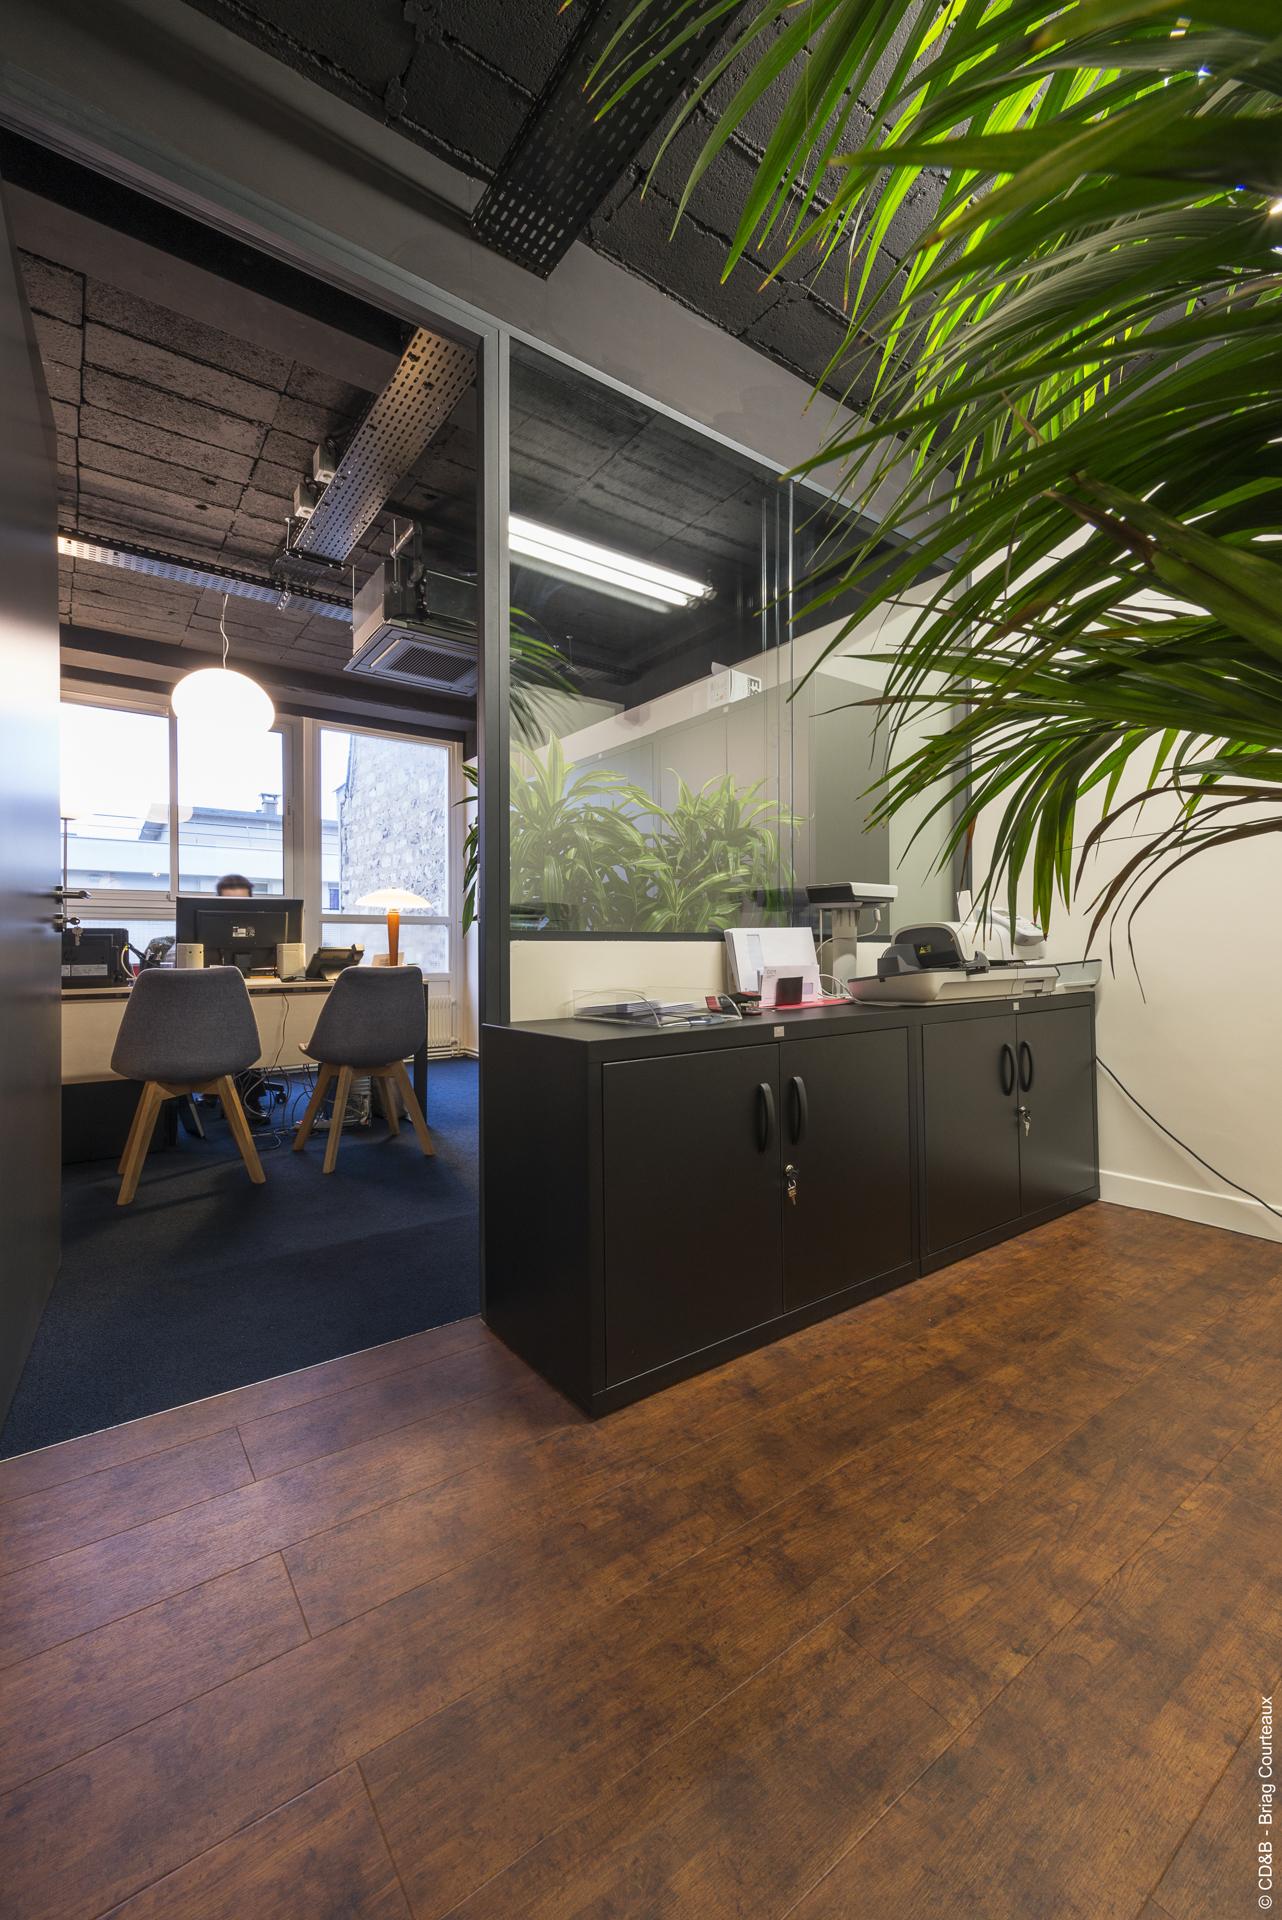 Conseil, aménagement, conception et réalisation des espaces de bureaux de la société CIEM par CDB, Meet you there.